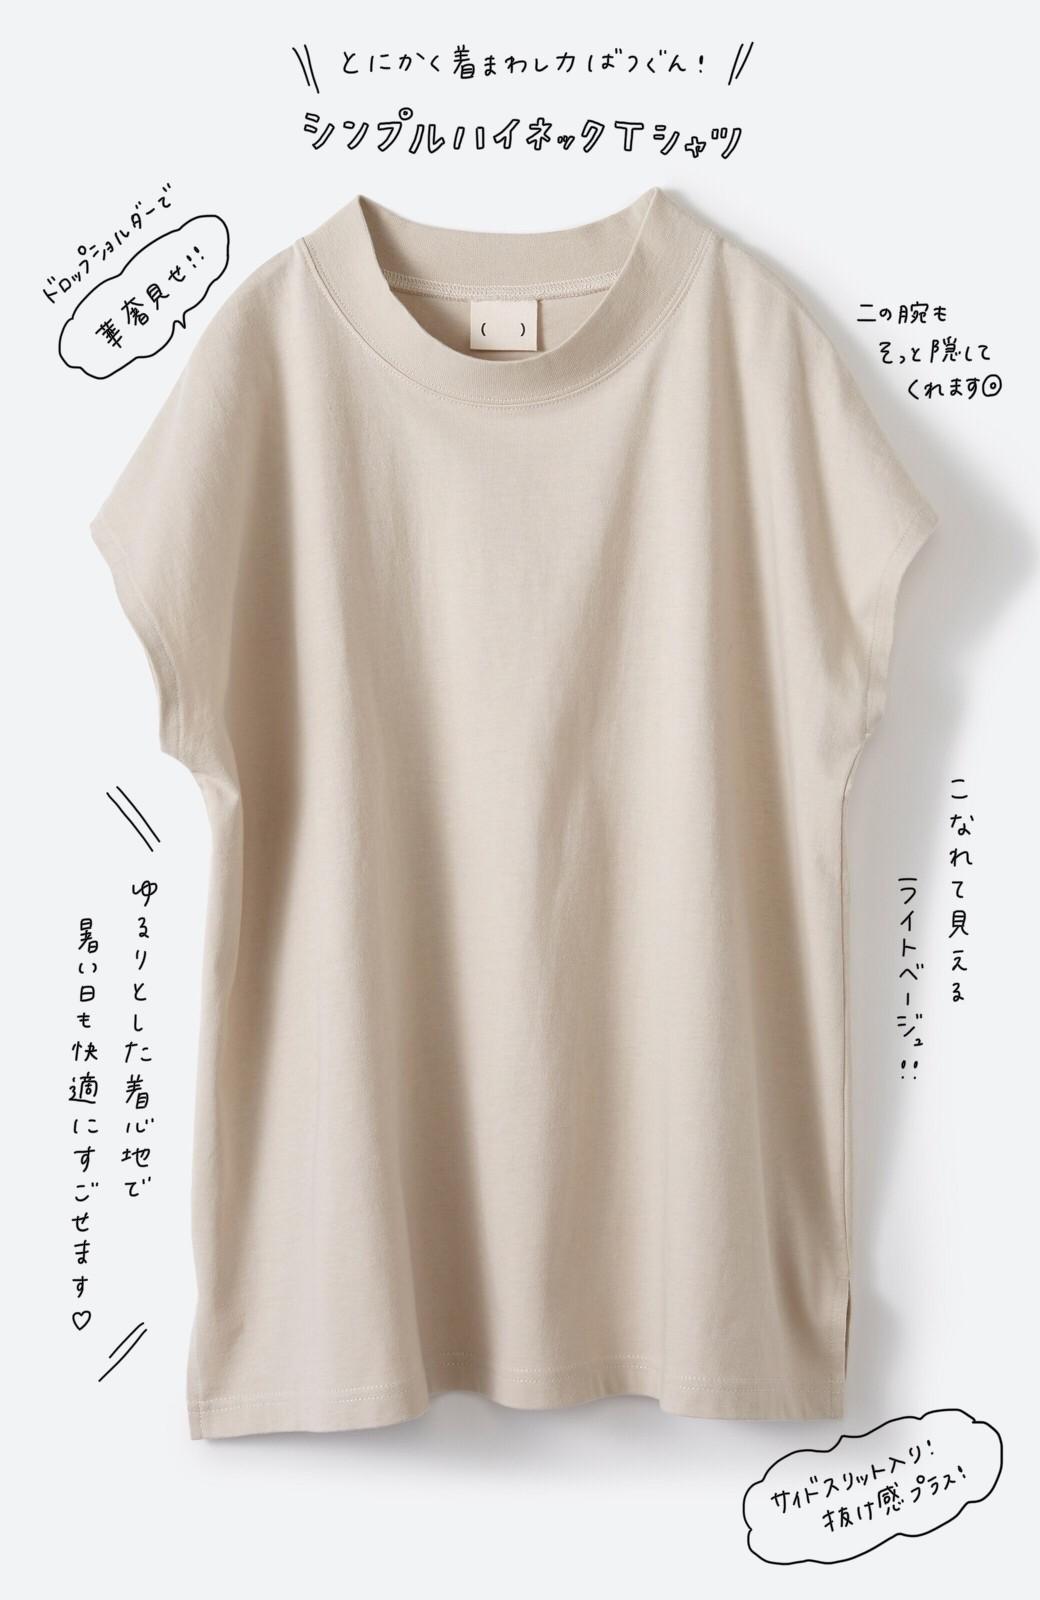 haco! 迷ったらコレ!でおしゃれに見える いくつあっても便利な定番ハイネックTシャツ <ライトベージュ>の商品写真2